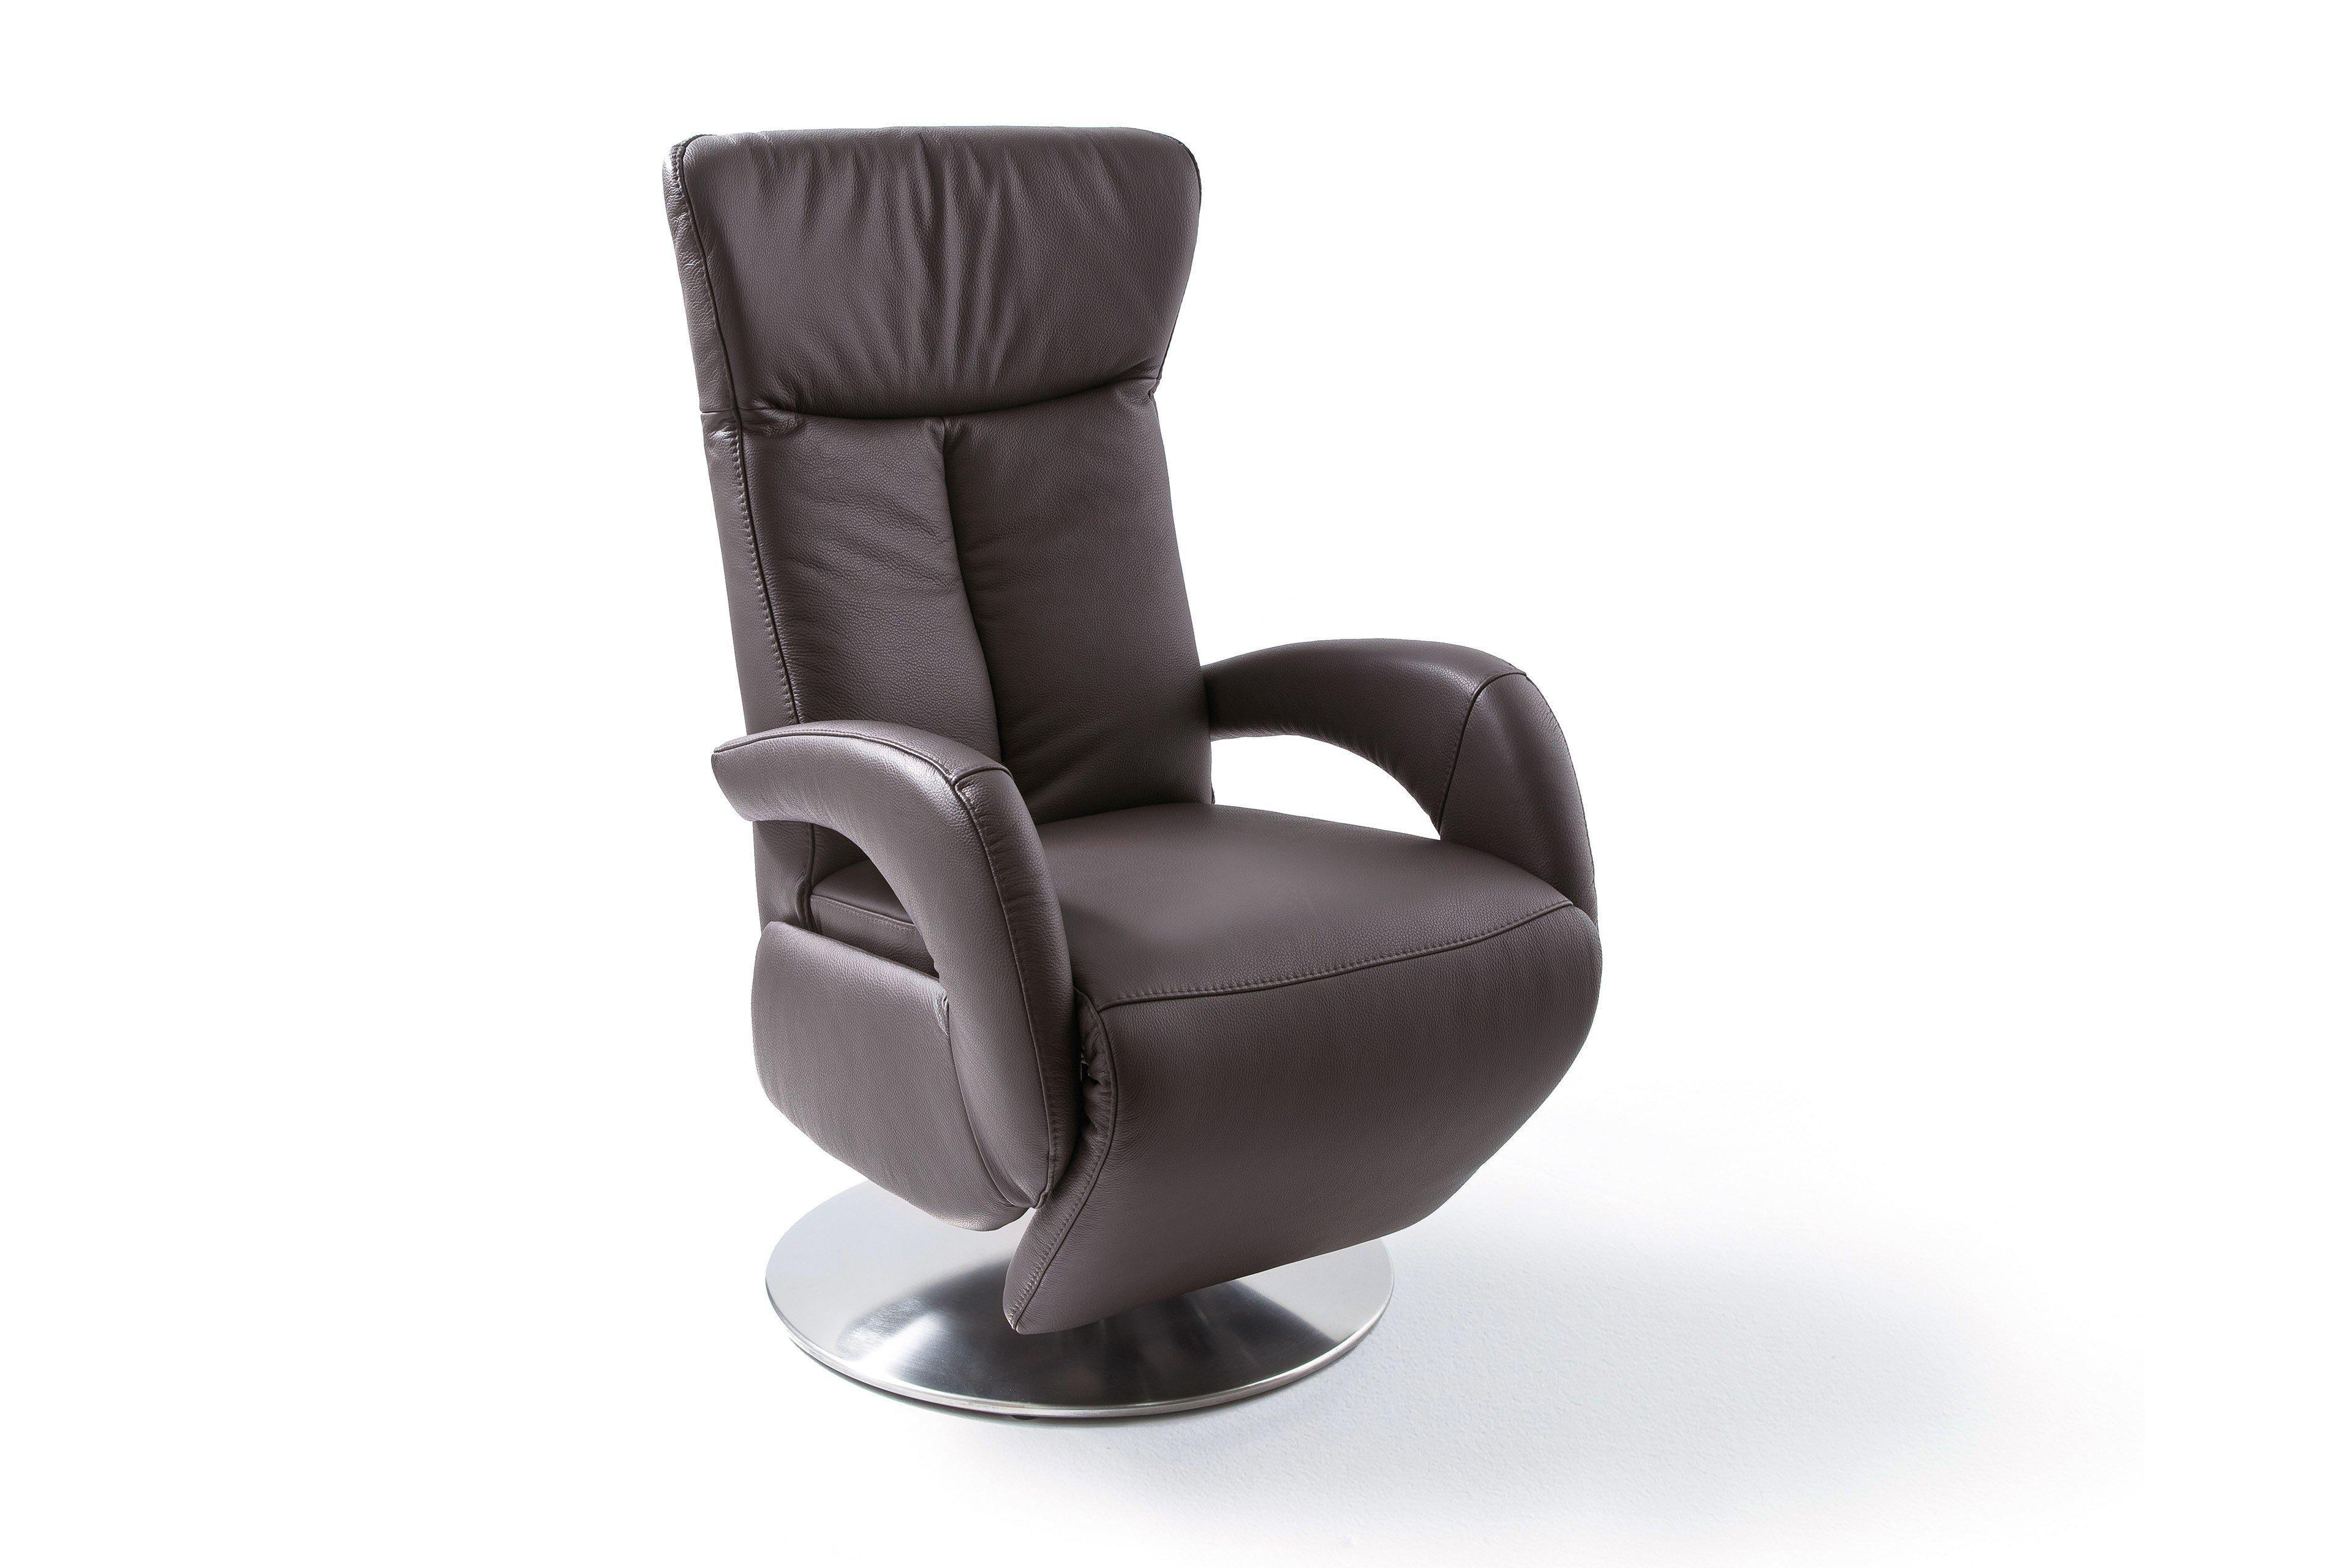 Matrixx Style Von Polsteria Home Comfort Relaxsessel Braun